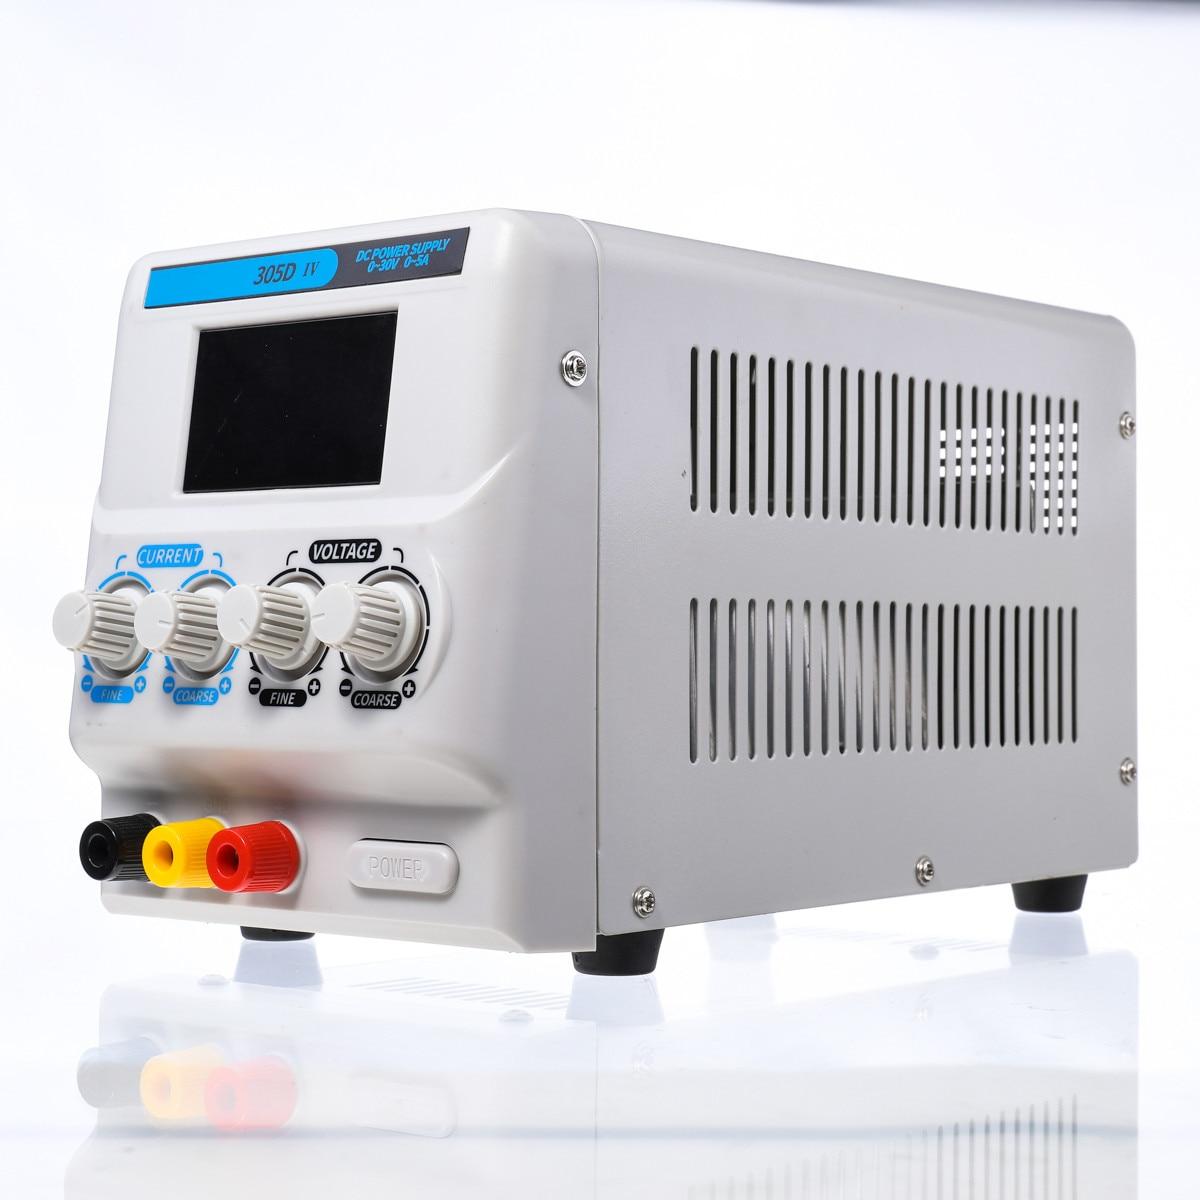 Nouveau Mini alimentation numérique réglable DC 30 V 5A alimentation à découpage de laboratoire 220 V-240 V alimentation cc réglable